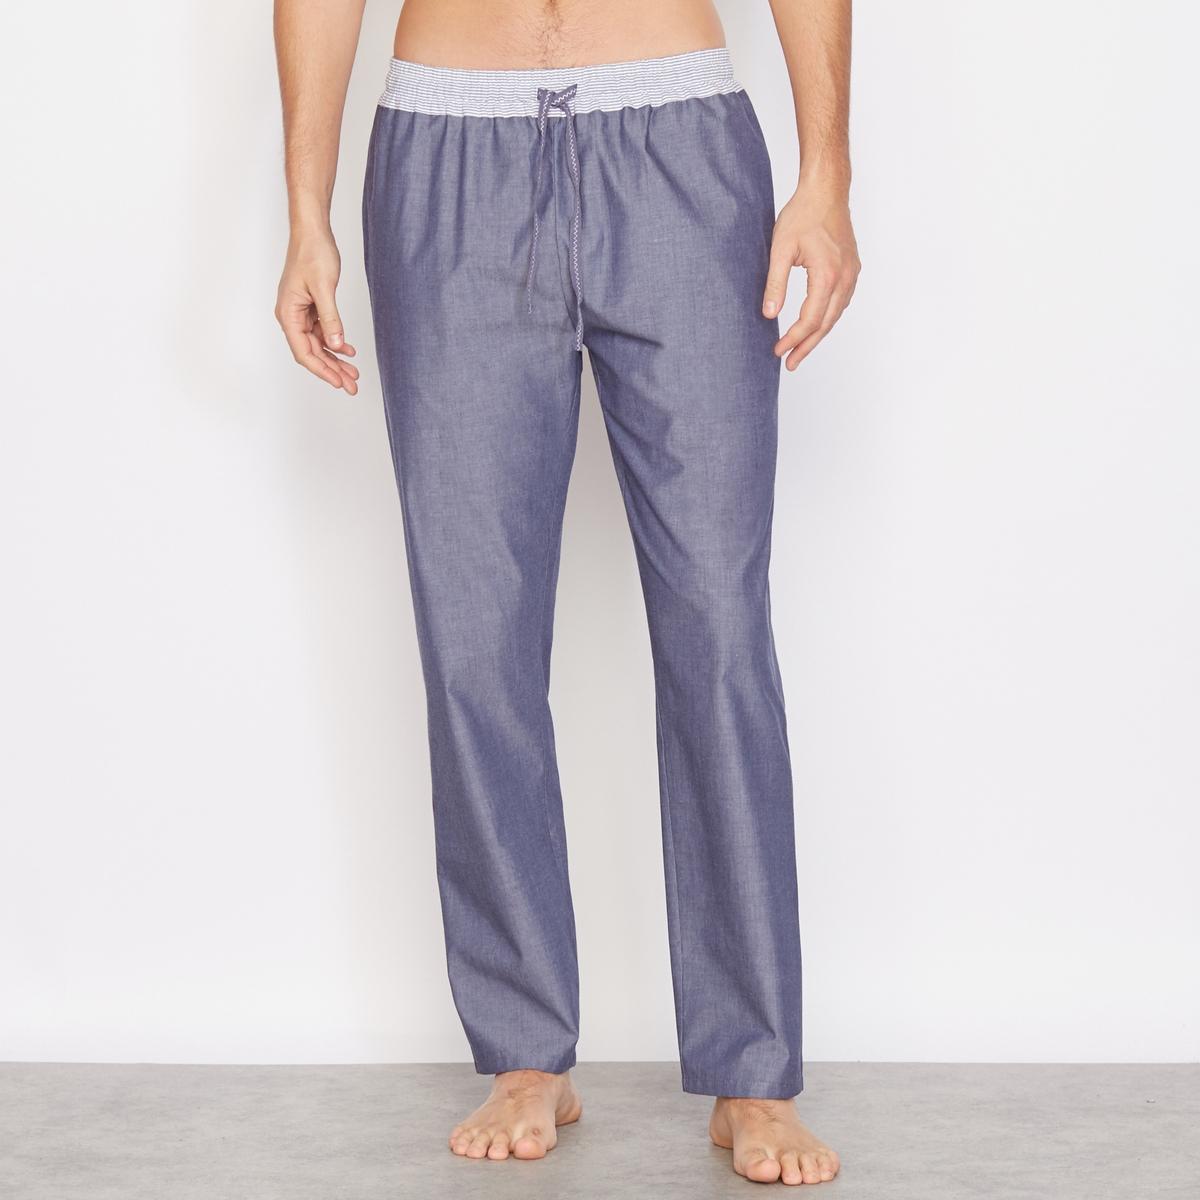 Брюки пижамные, 100% хлопка пижамные комплекты